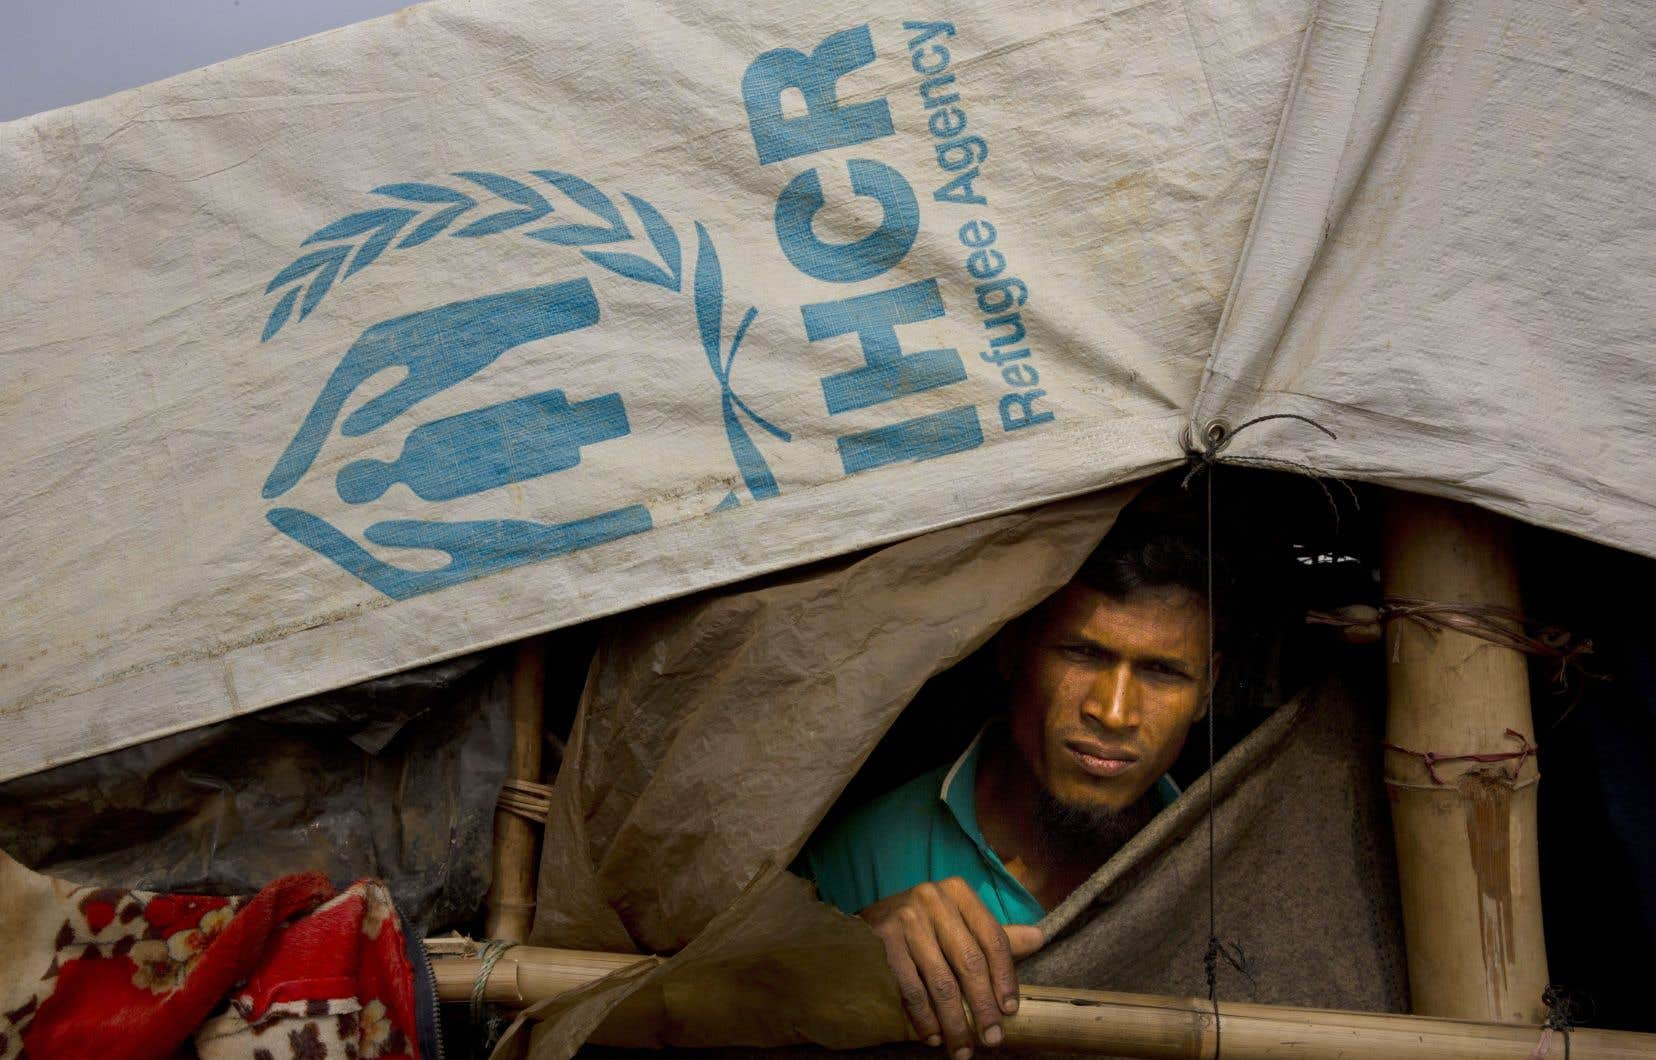 Une campagne de l'armée myanmaraise, qualifiée d'épuration ethnique par les Nations unies, a poussé à l'exode près de 700000 musulmans rohingyas depuis août 2017.